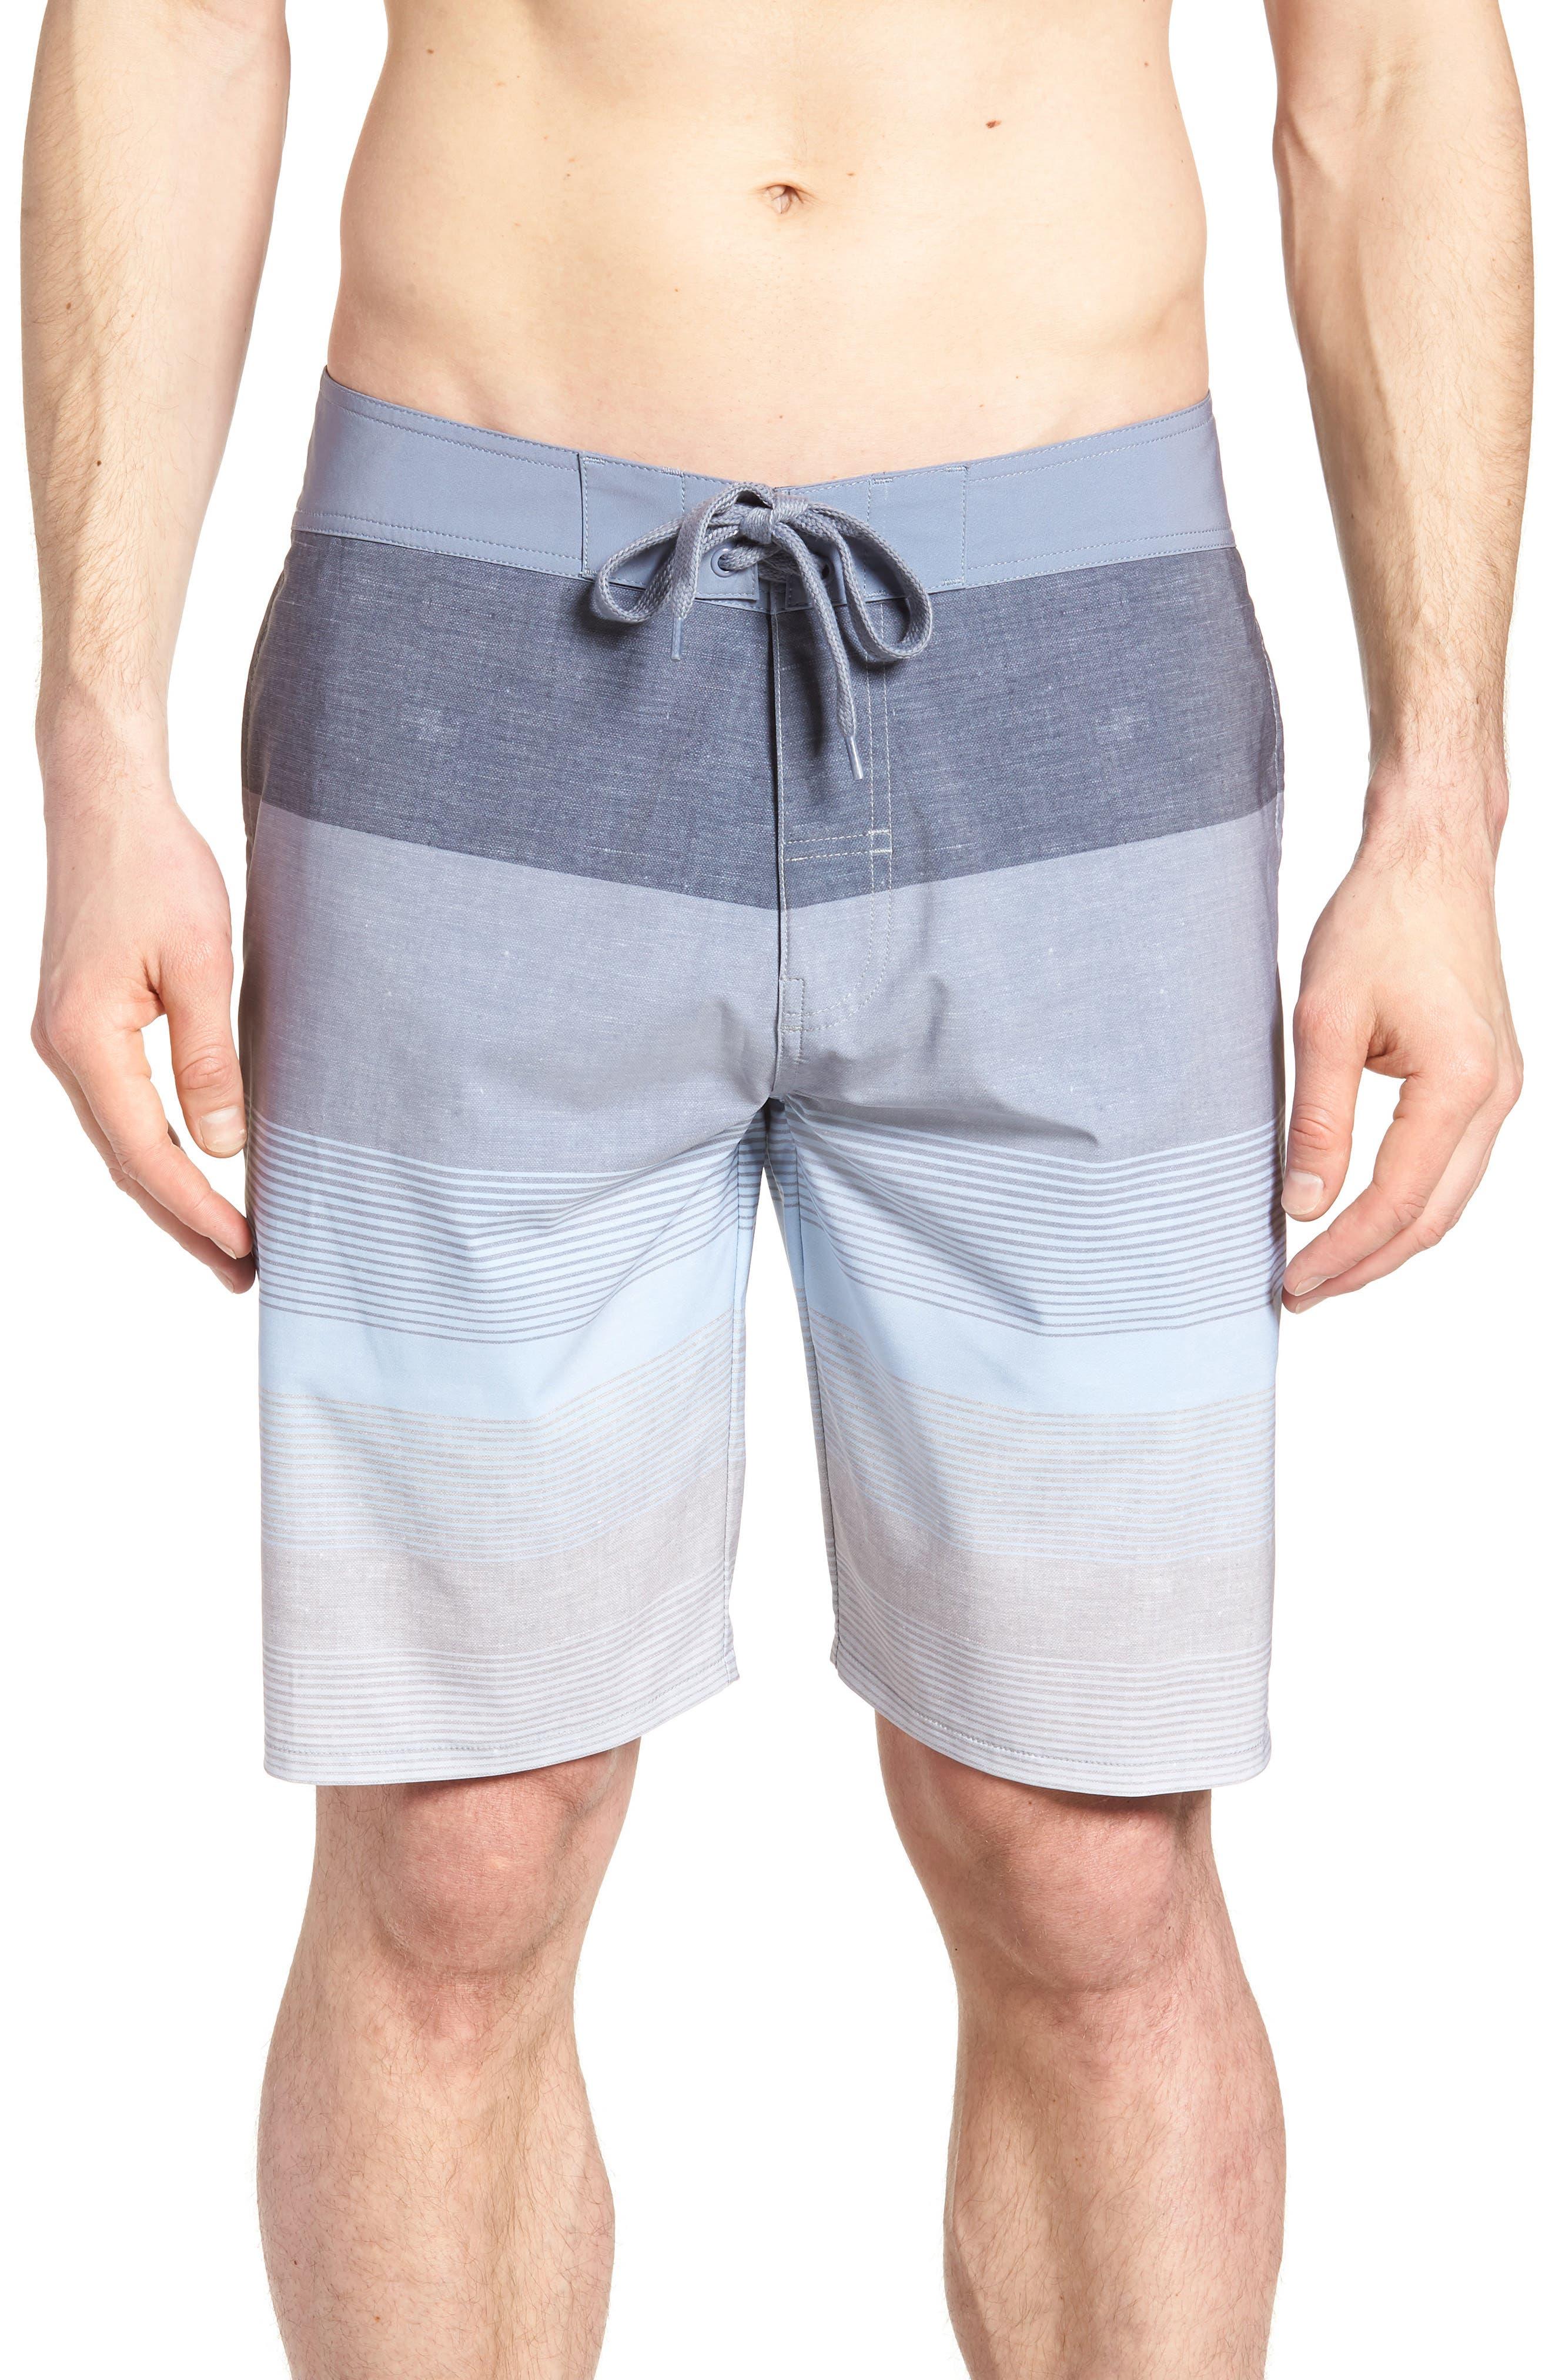 Seegrid Regular Fit Board Shorts,                             Main thumbnail 1, color,                             401